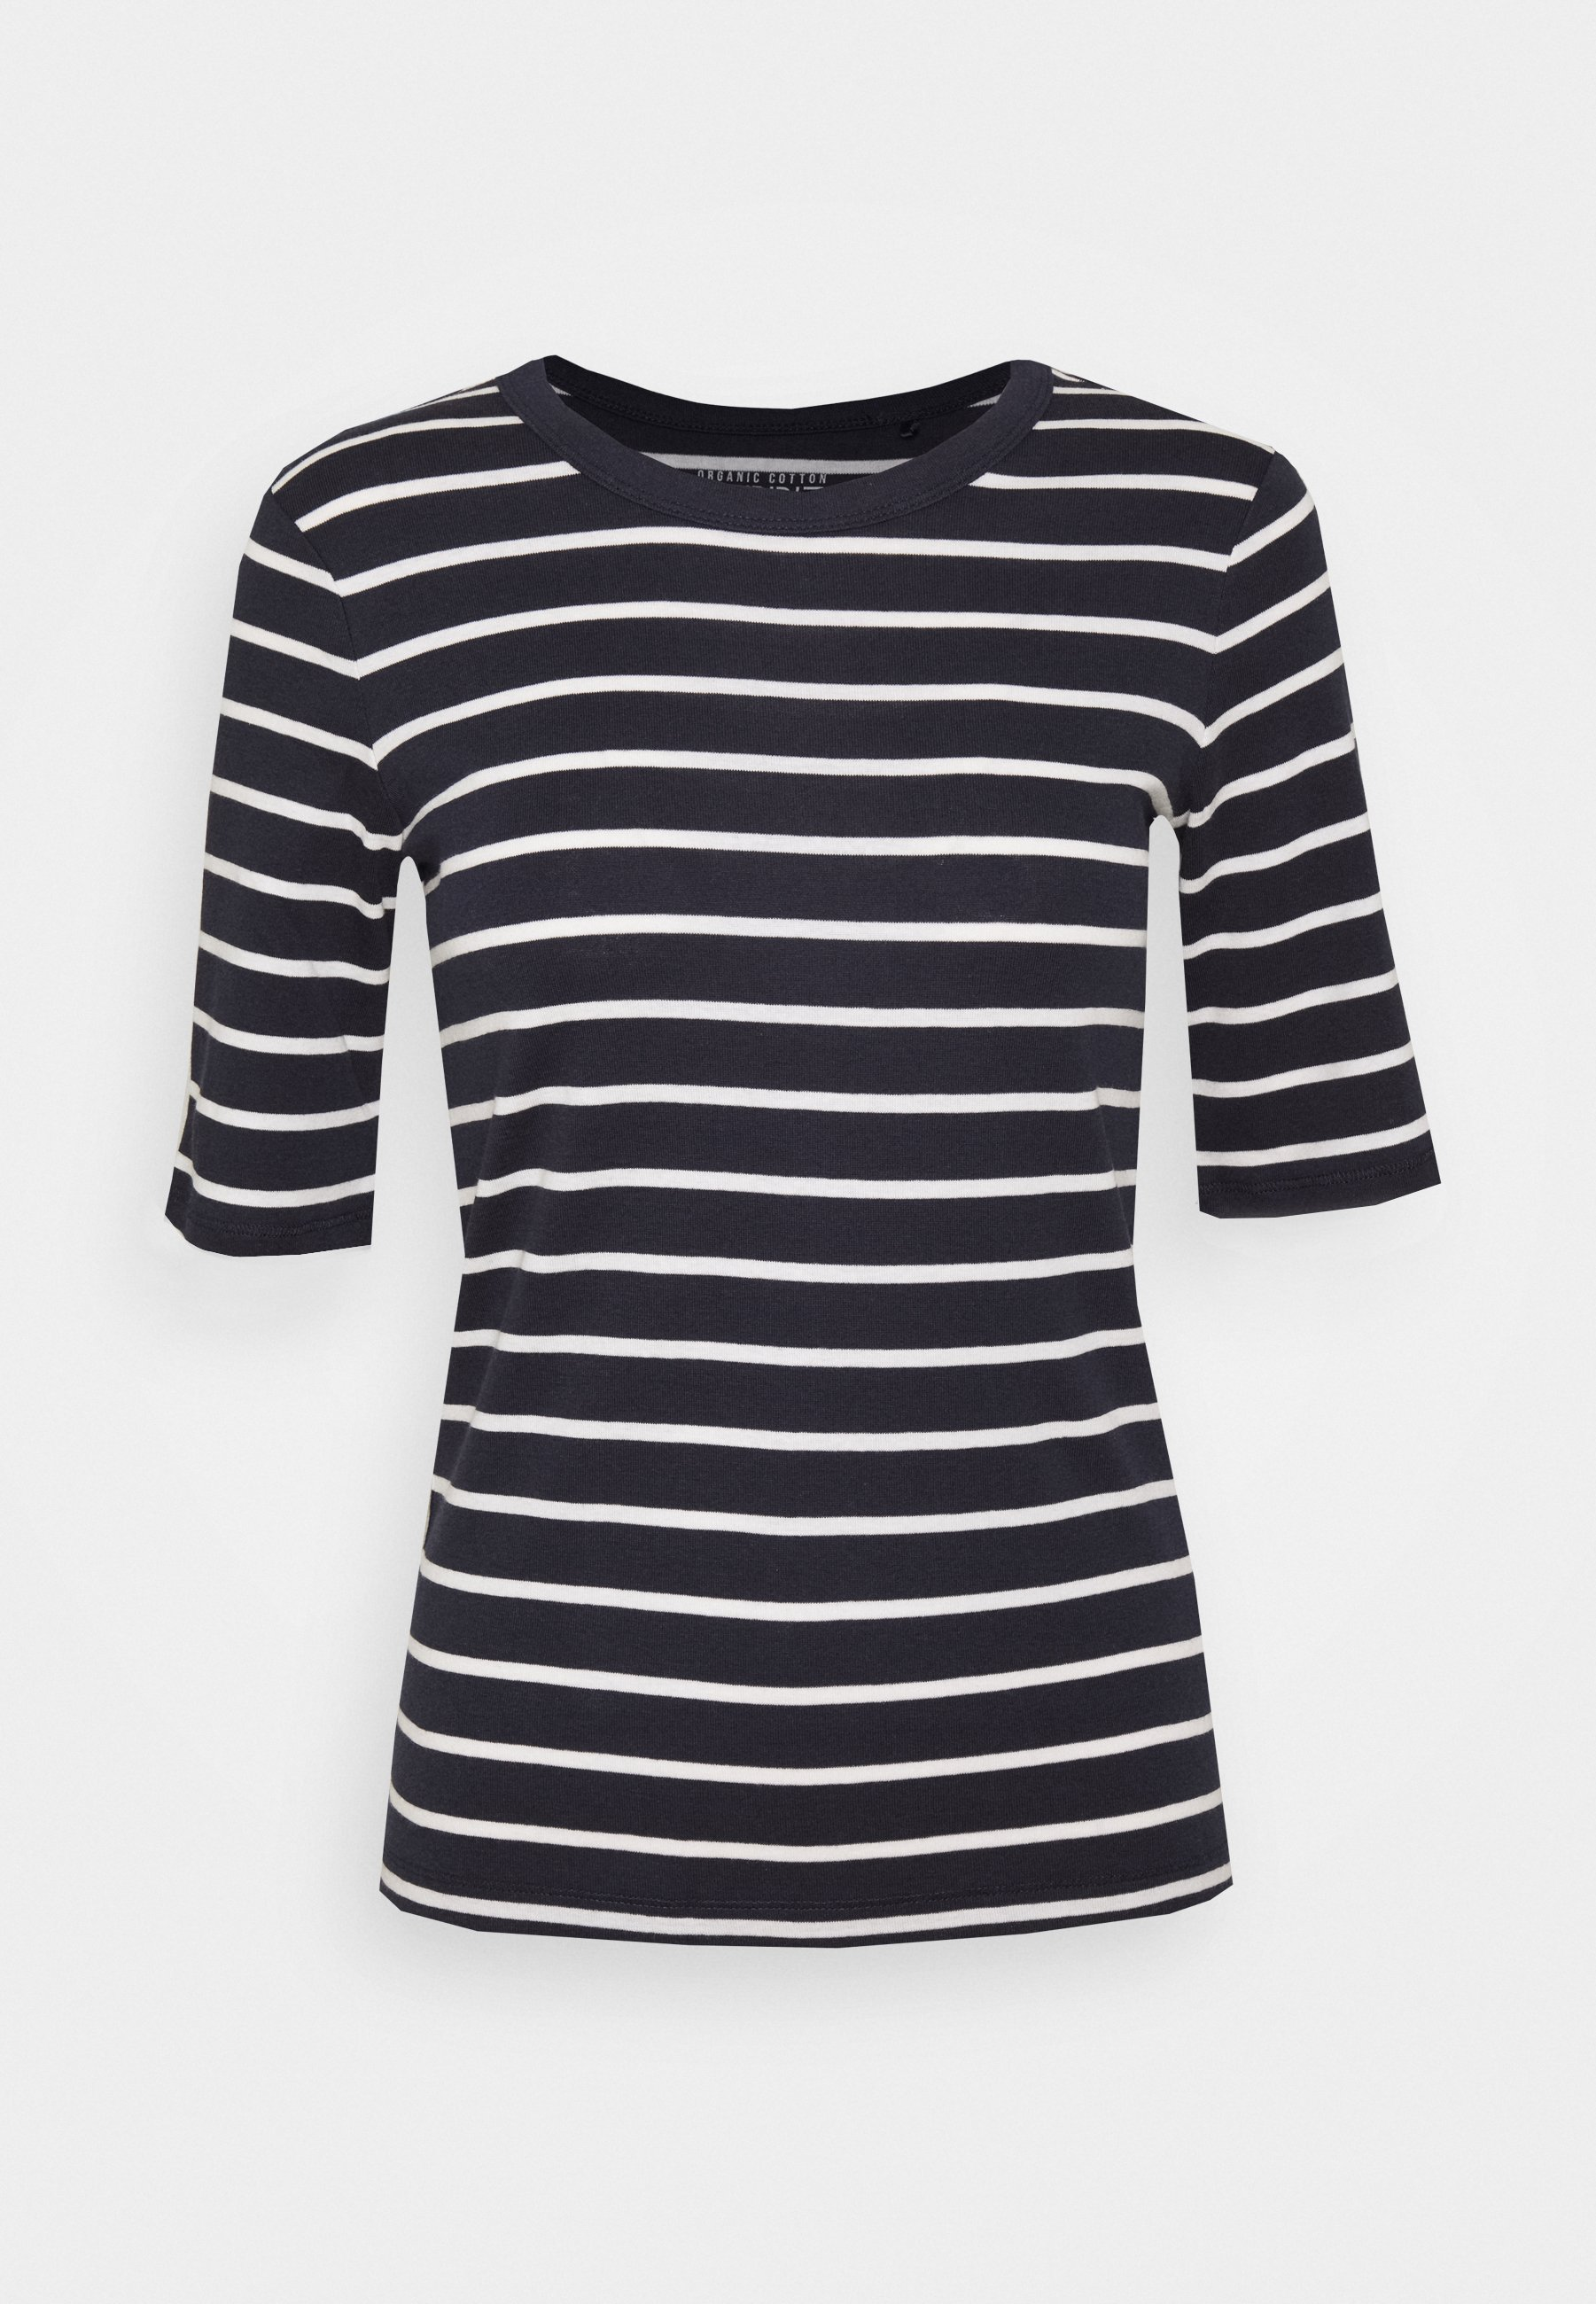 Shoppe Esprit T Shirts & Tops für Damen versandkostenfrei